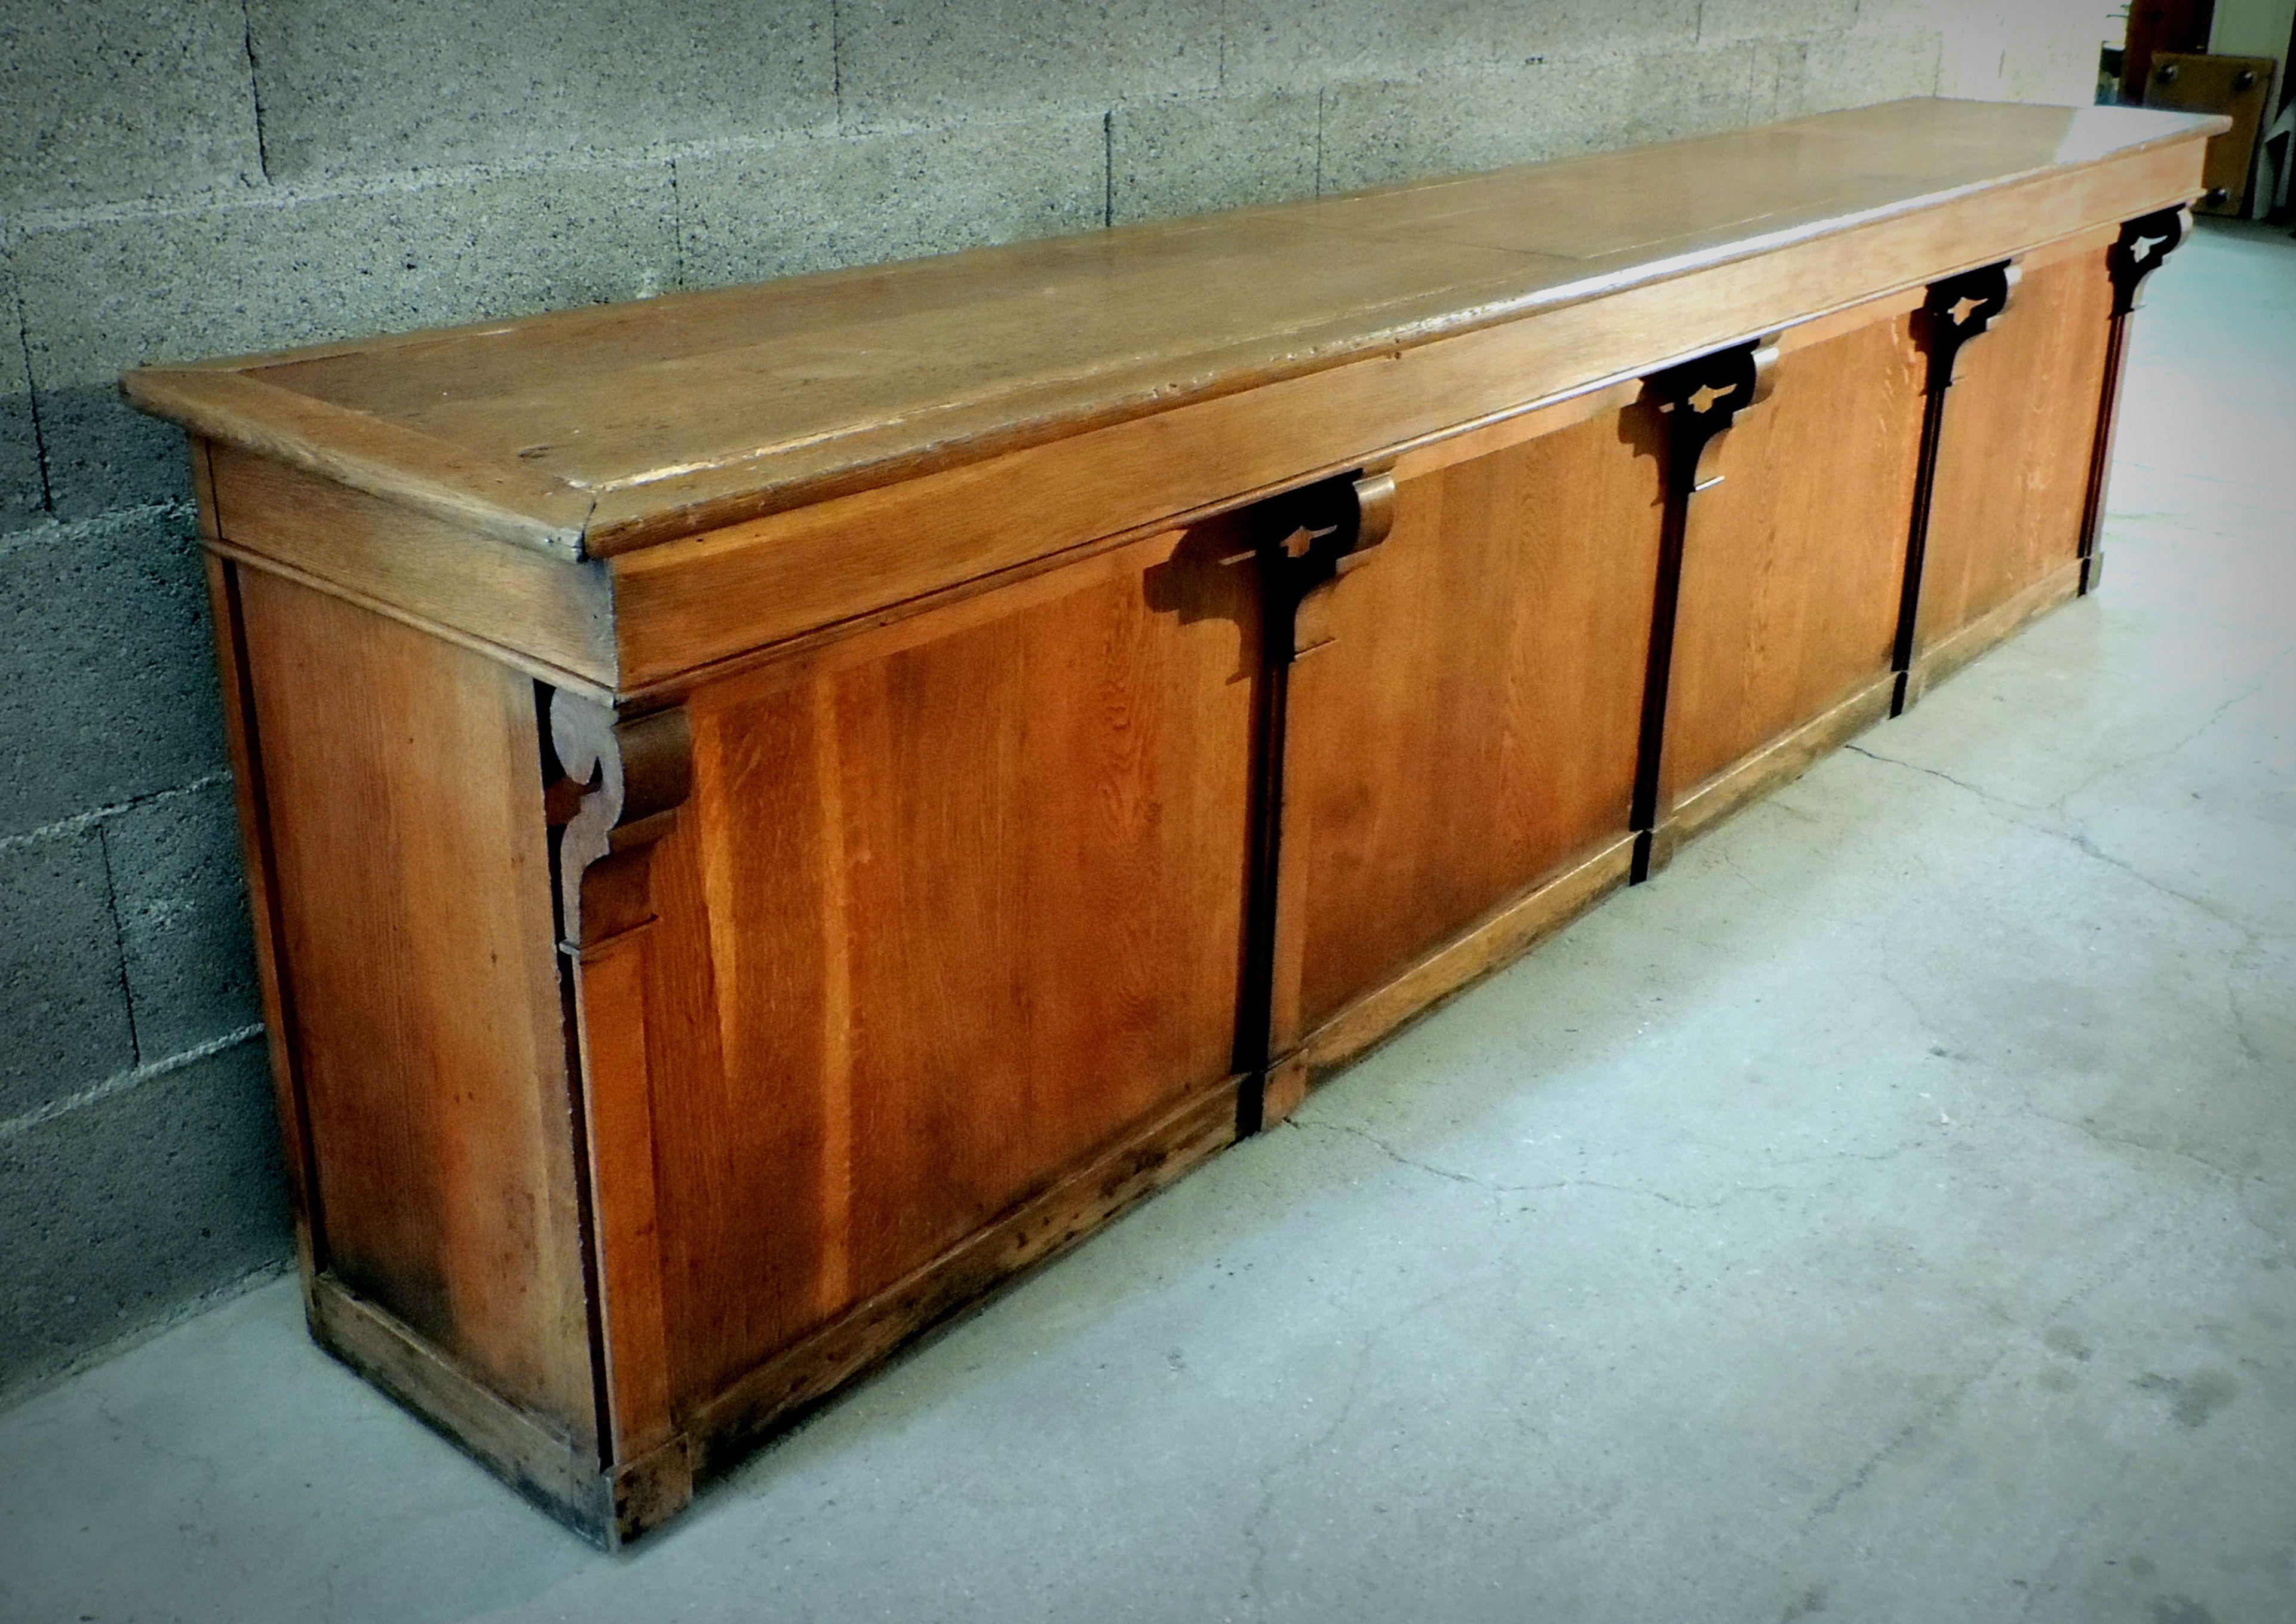 Ancienne Banque Comptoir De Tailleur 1940 Meuble De Metier 325 Cm De Long Furniture Decor Storage